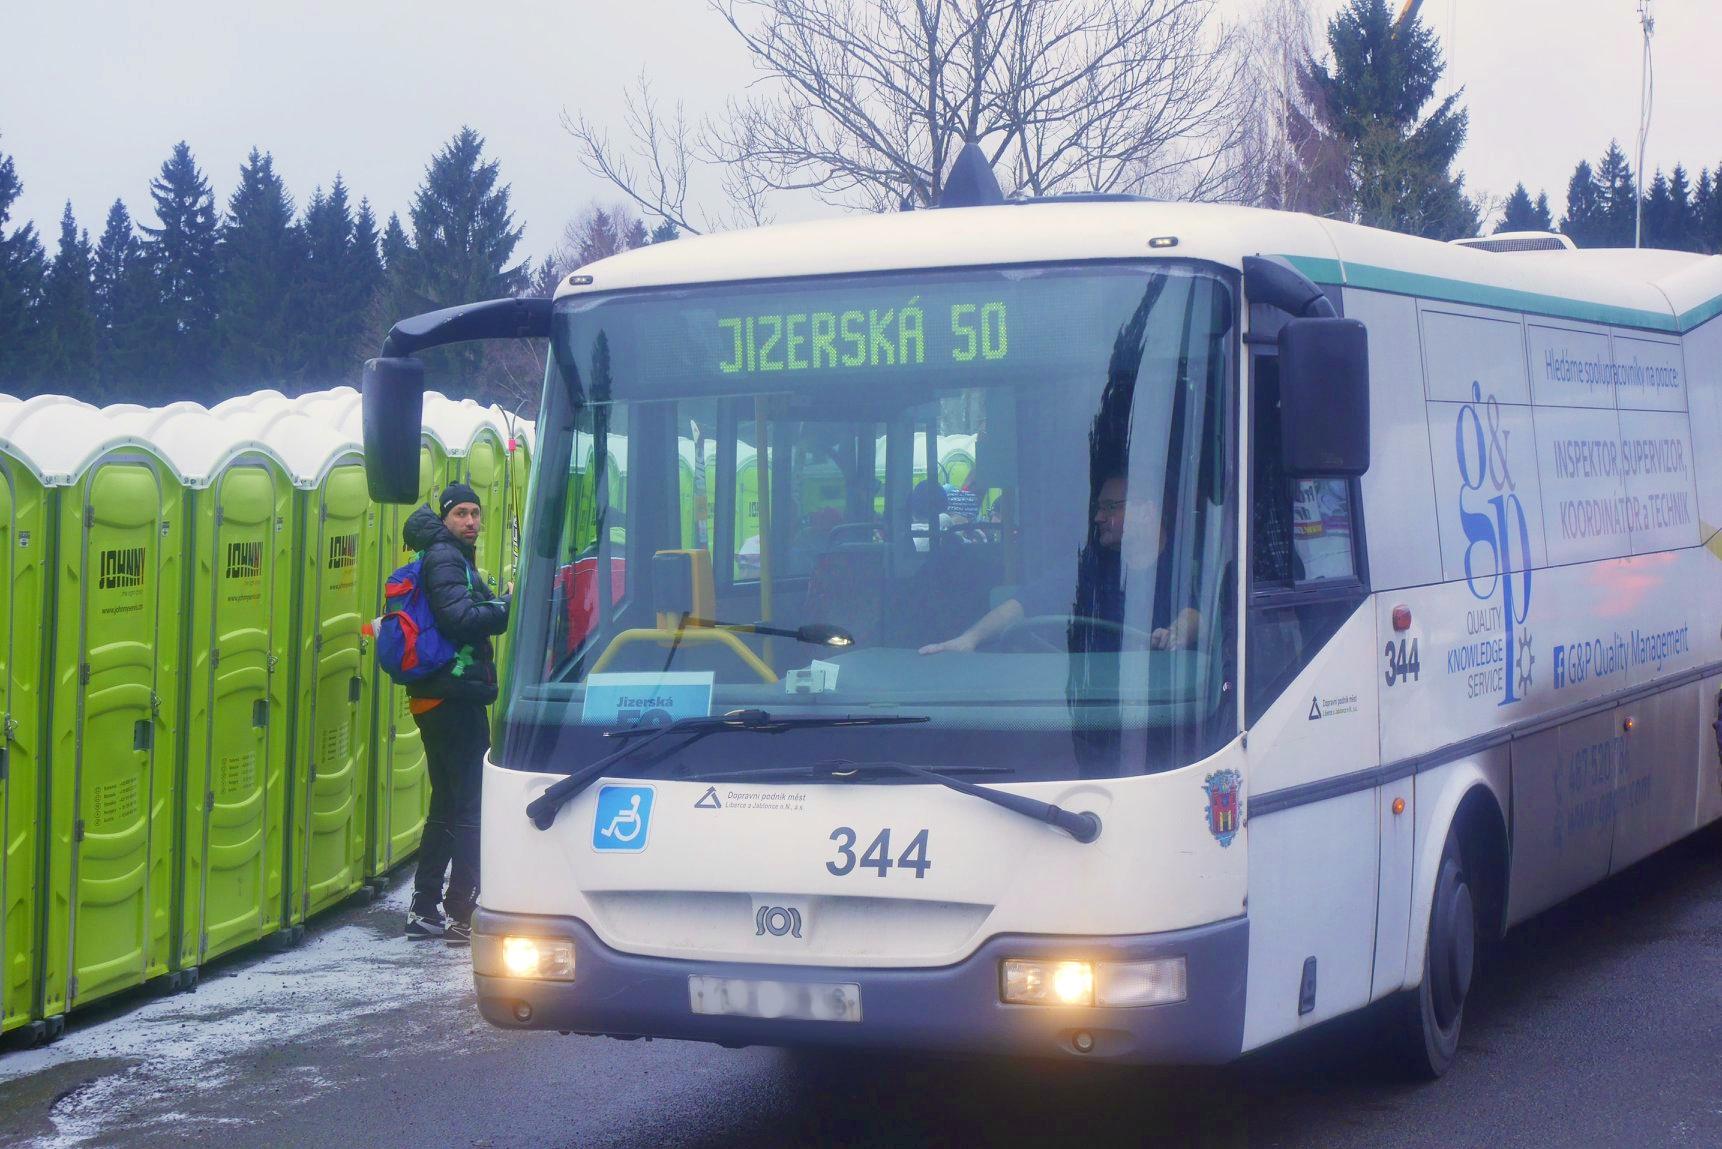 Závodníky budou z Liberce, Jablonce a Janova nad Nisou do Bedřichova vozit speciální autobusy